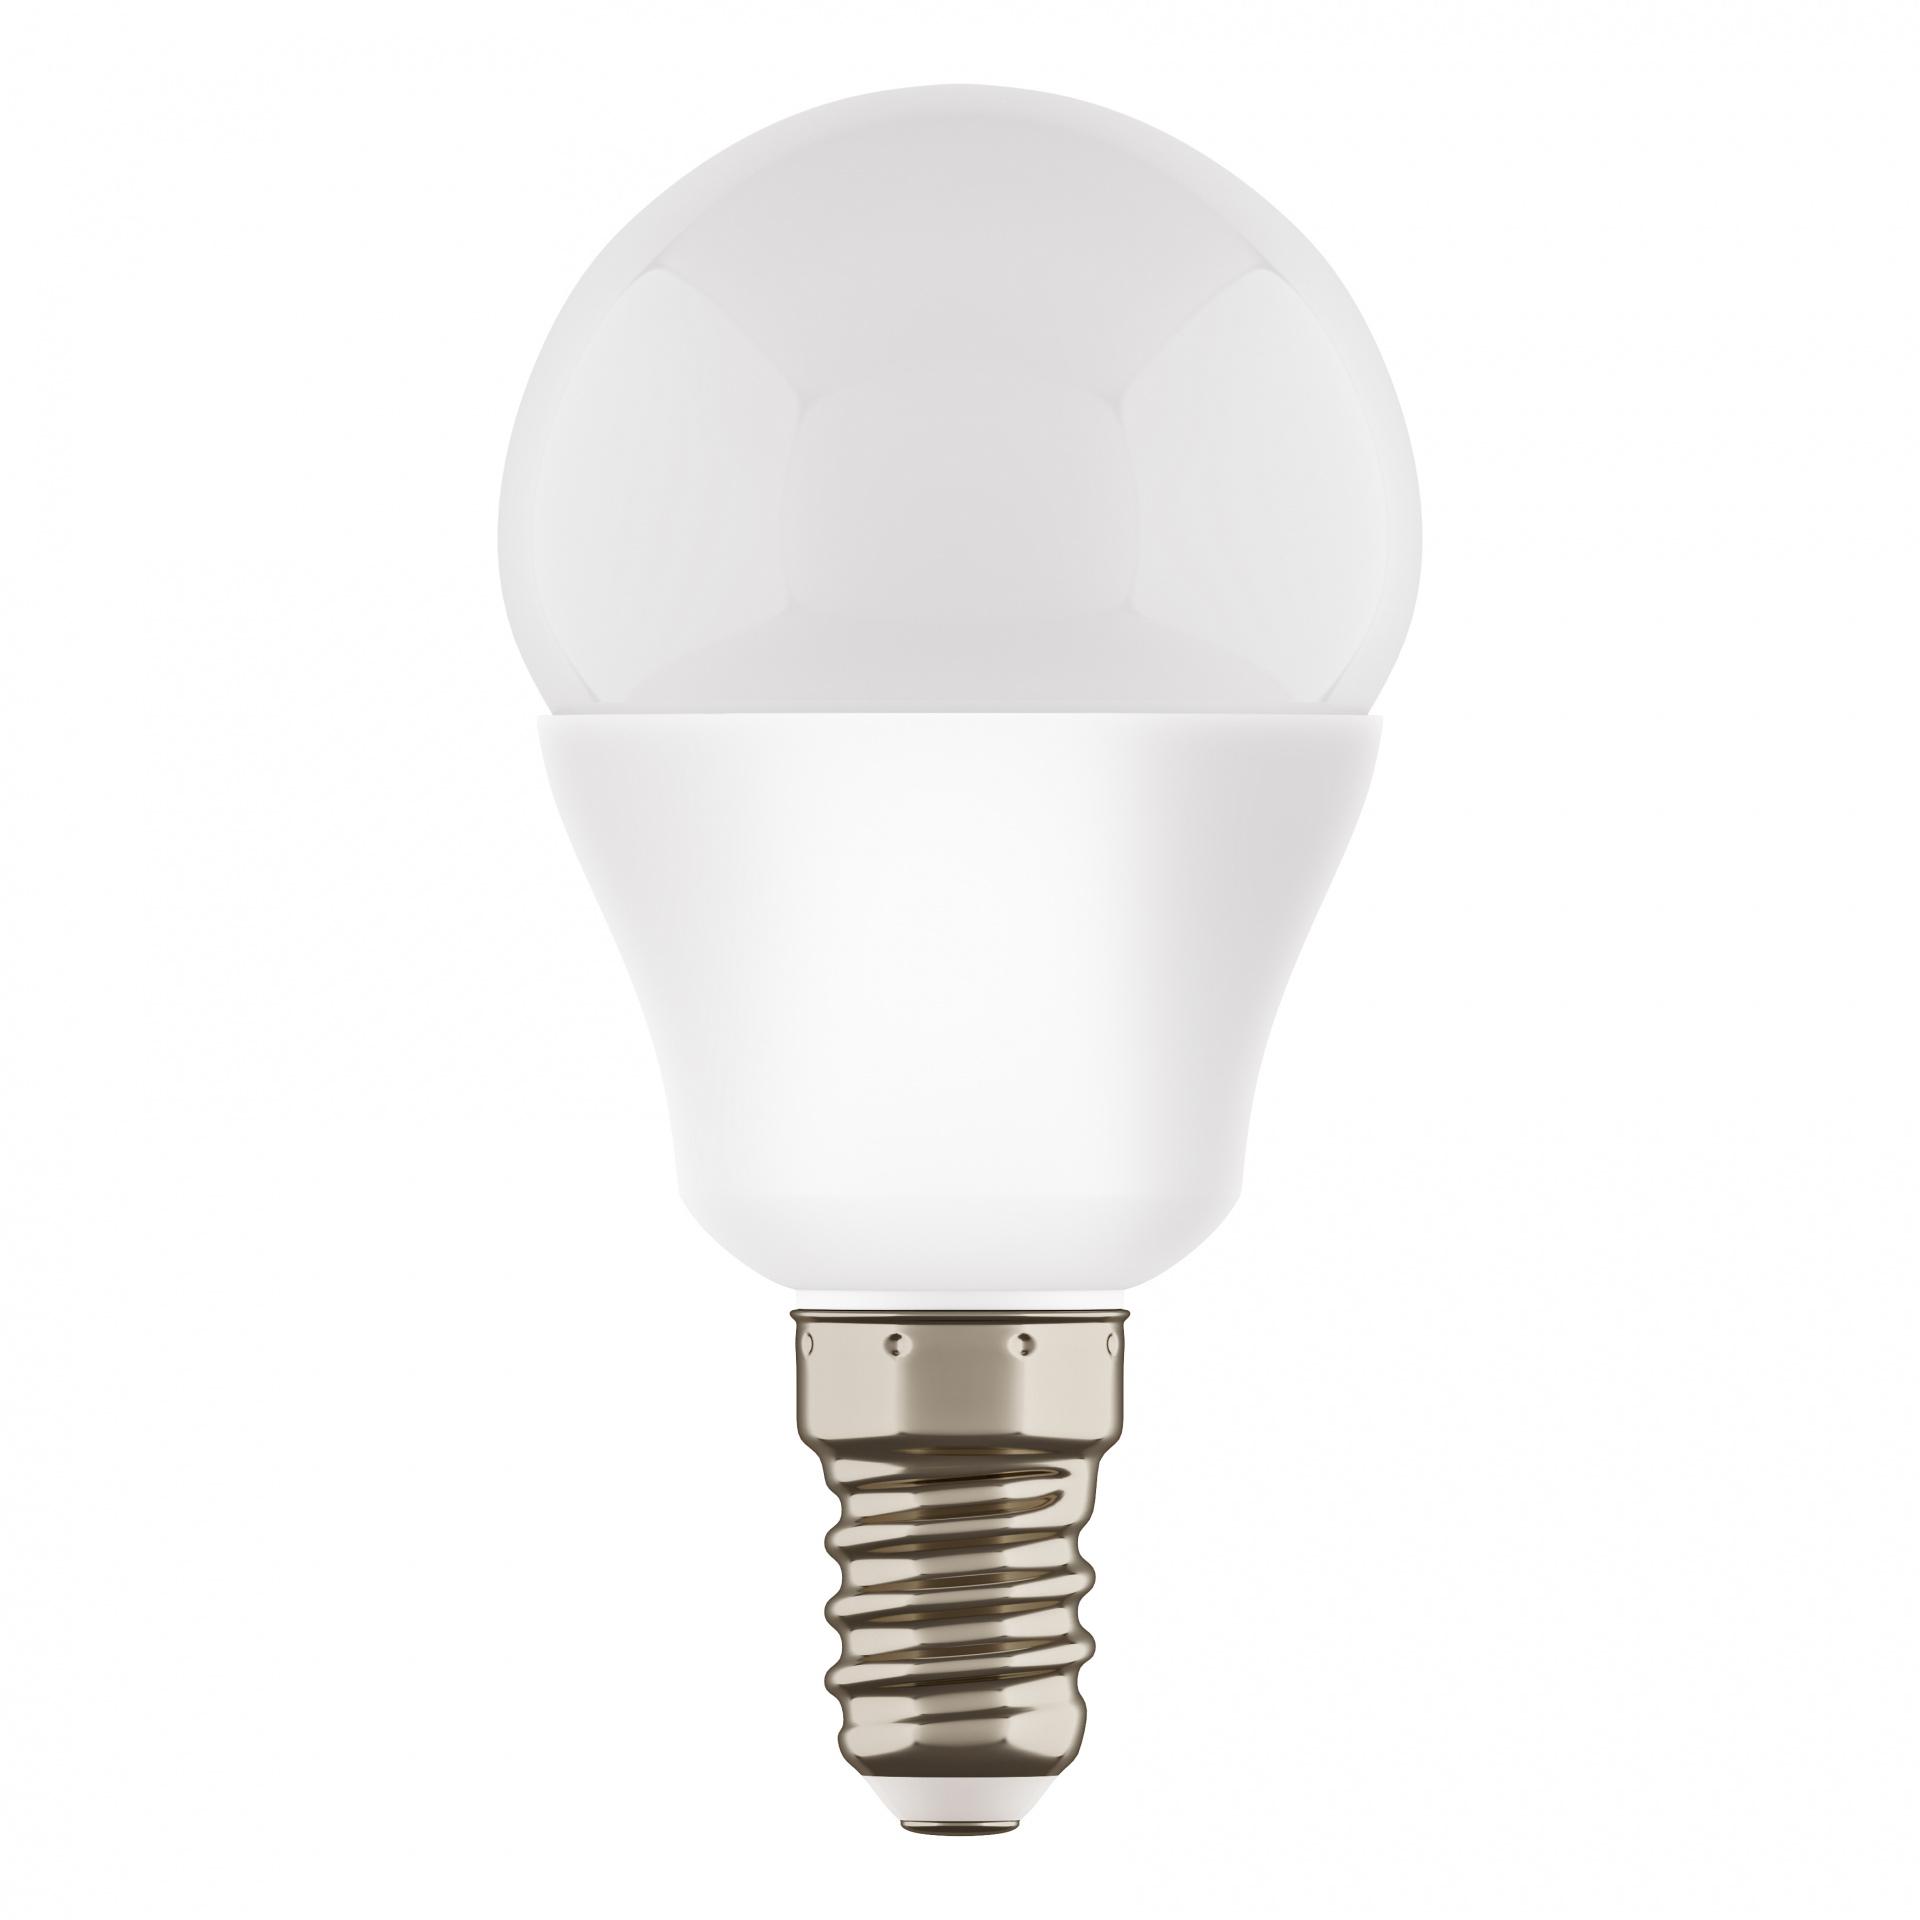 Лампа LED 220V G45 E14 7W=65W 350LM 180G FR 3000K 20000H Lightstar 940802, купить в СПб, Москве, с доставкой, Санкт-Петербург, интернет-магазин люстр и светильников Starlight, фото в жизни